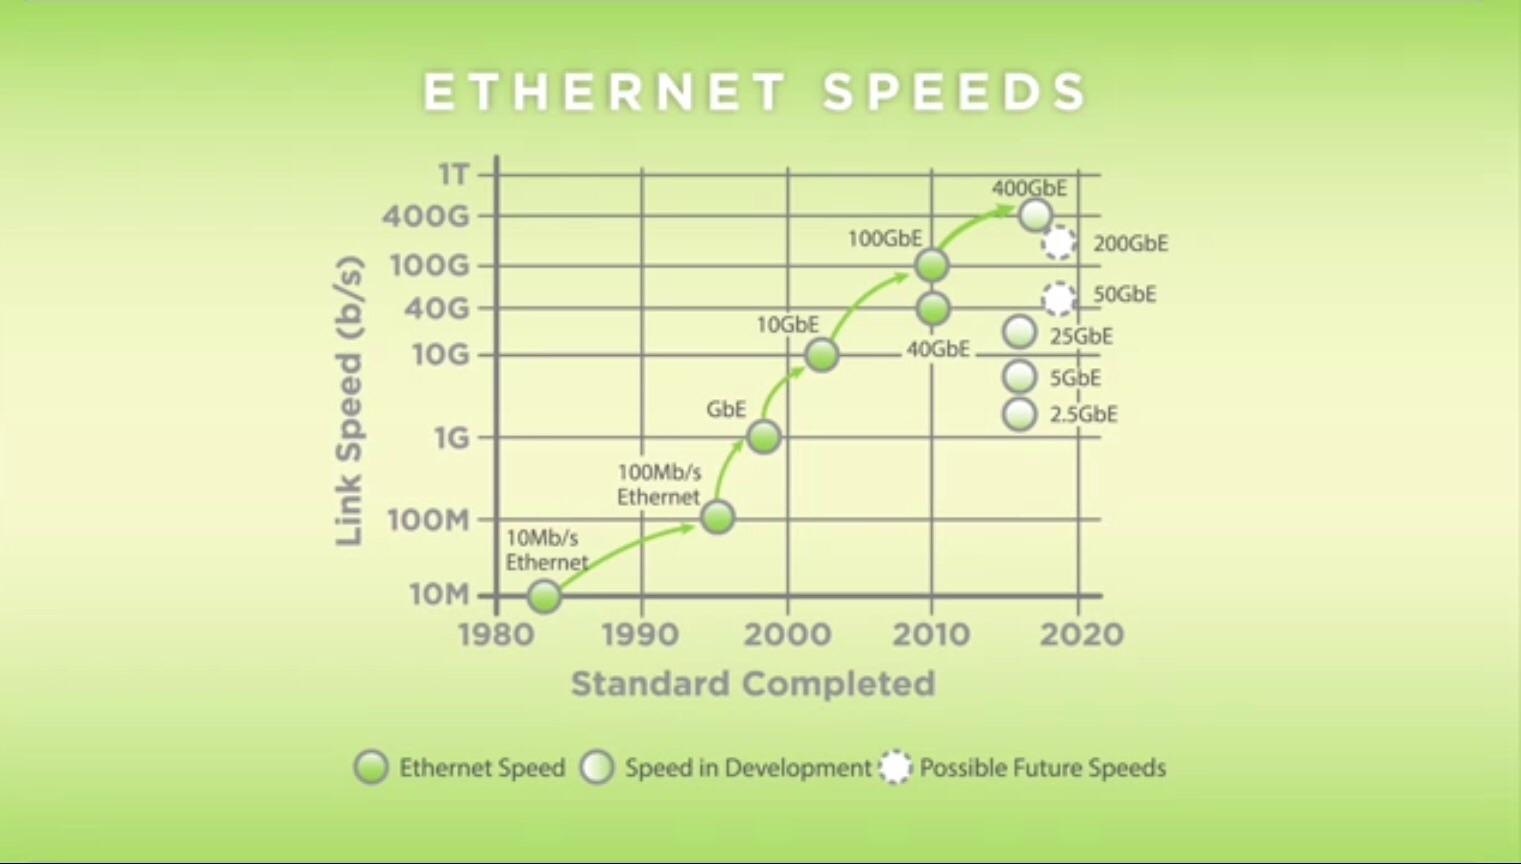 Ethernet Alliance Roadmap